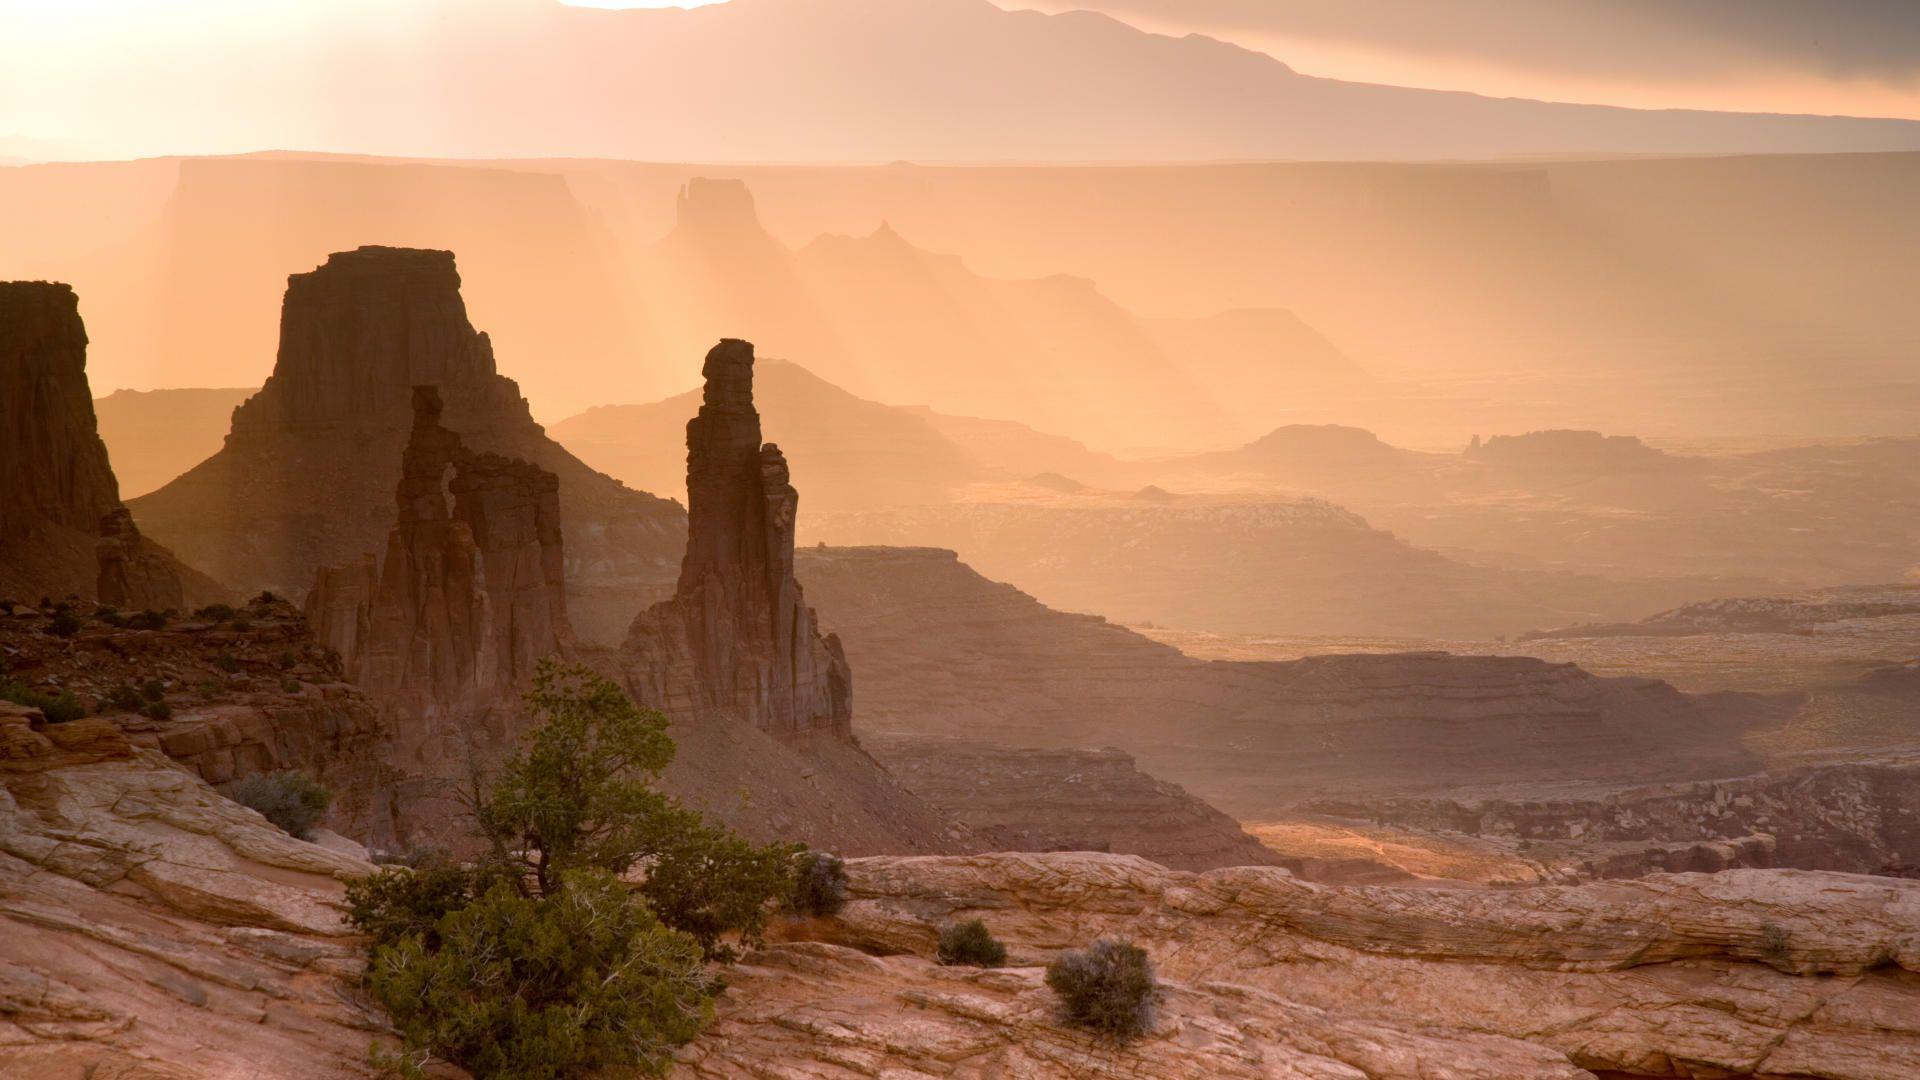 Desert Foothills Landscape desktop image